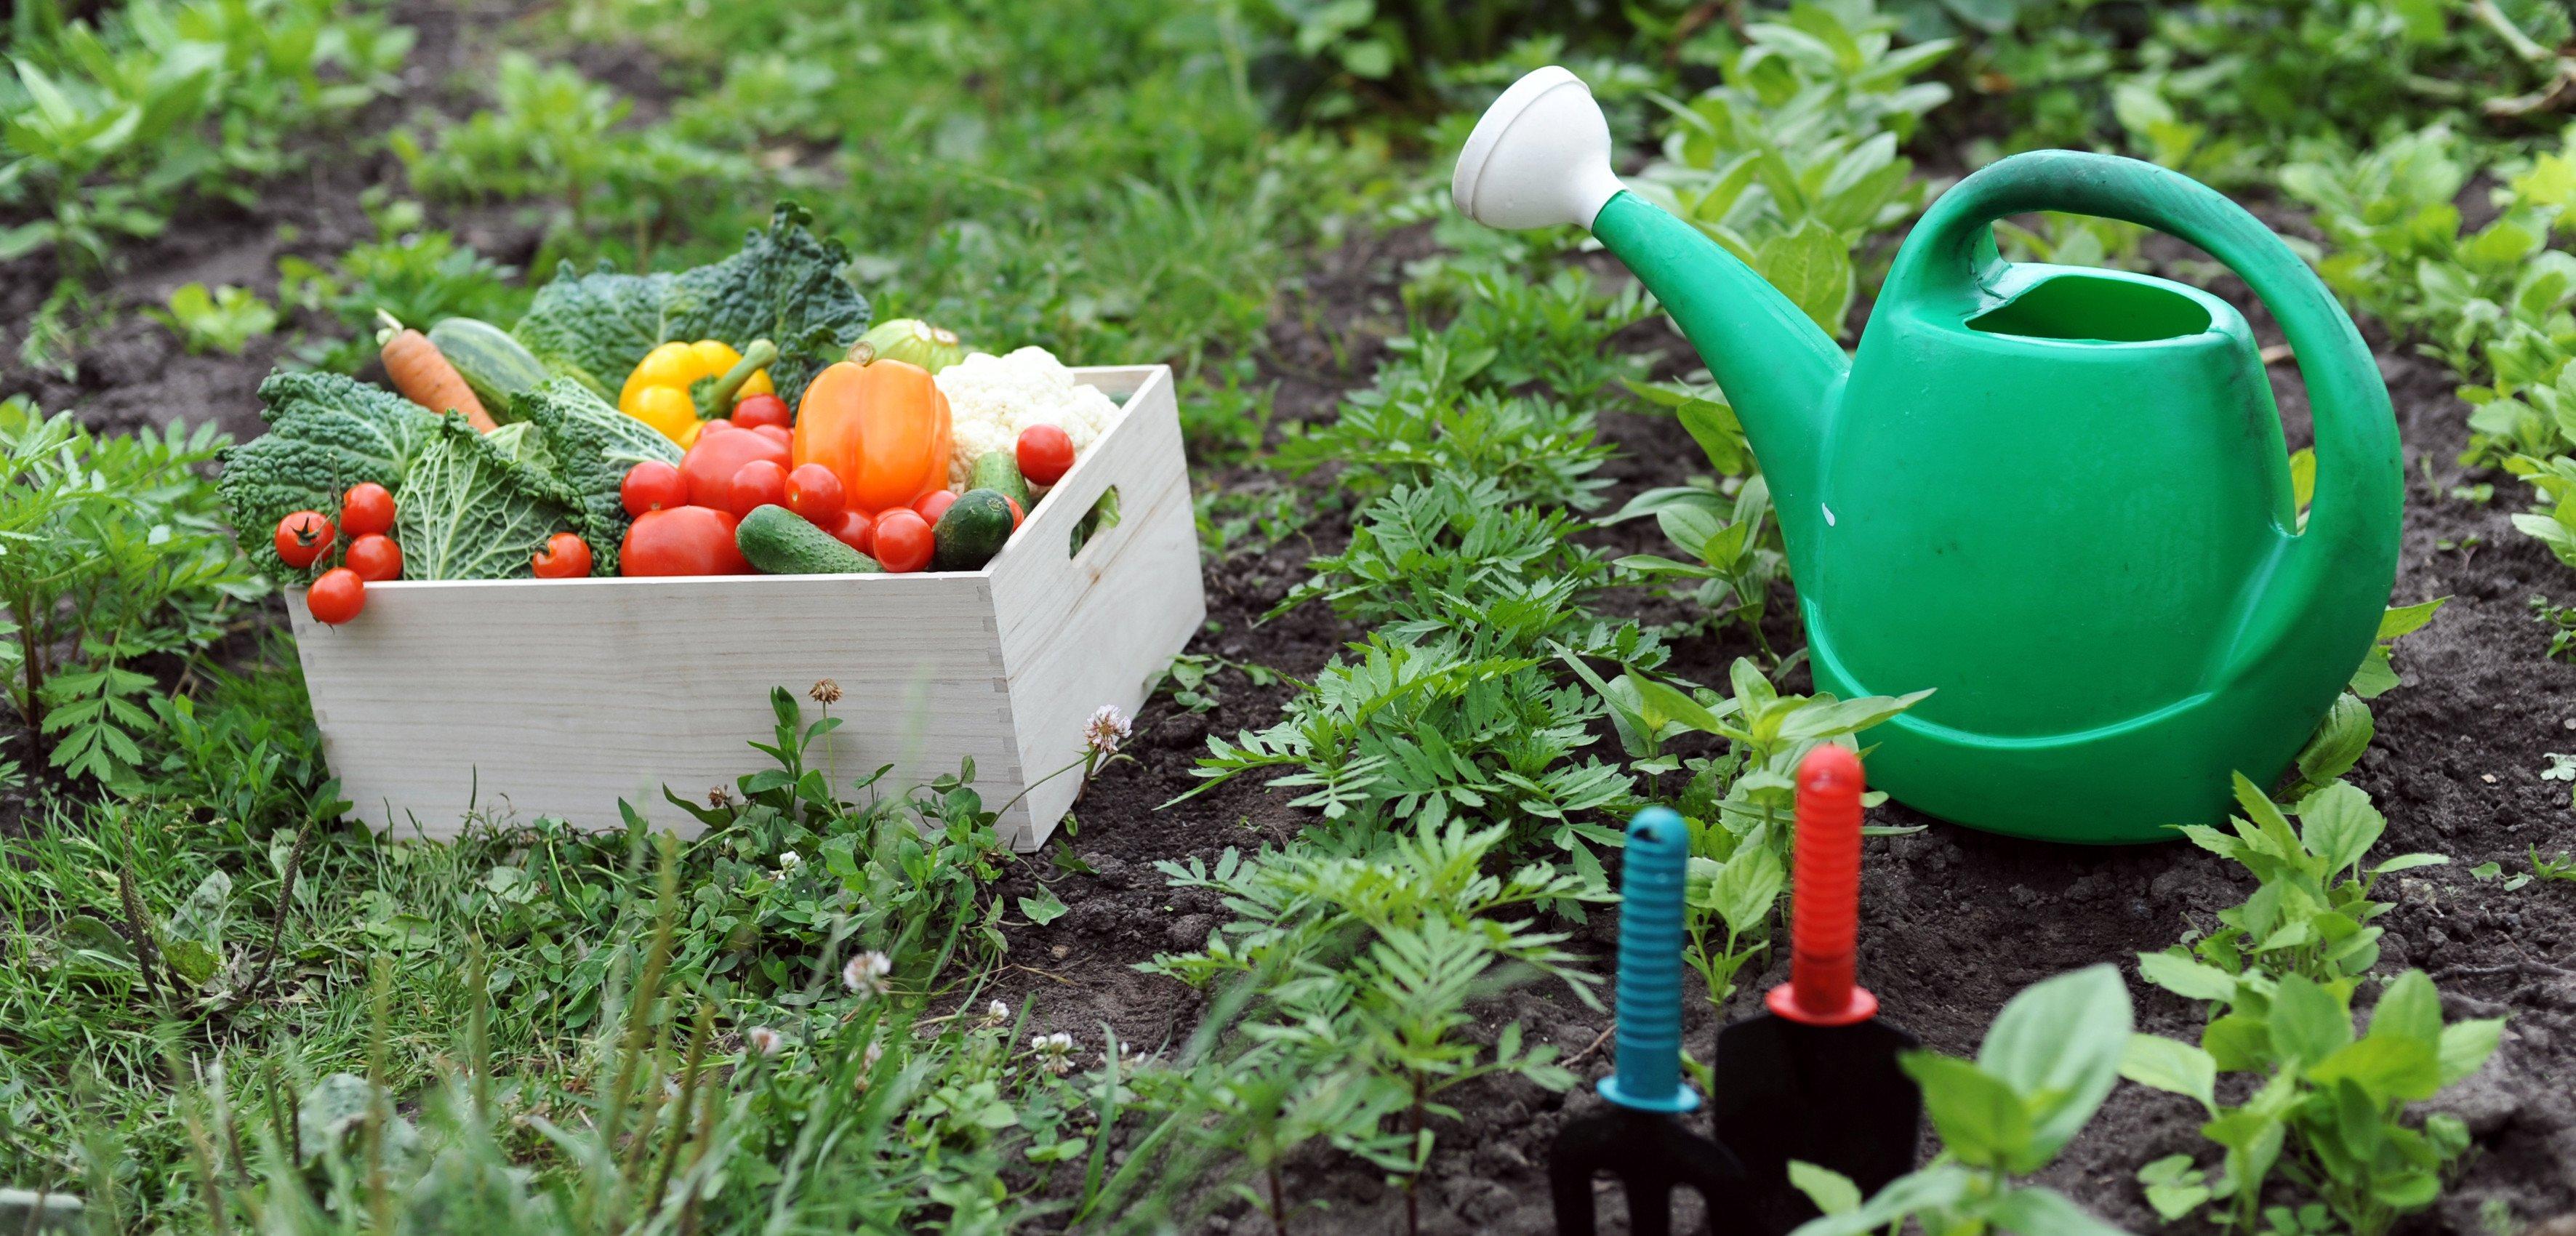 come fare orto - ortaggi in una cassa con annaffiatore